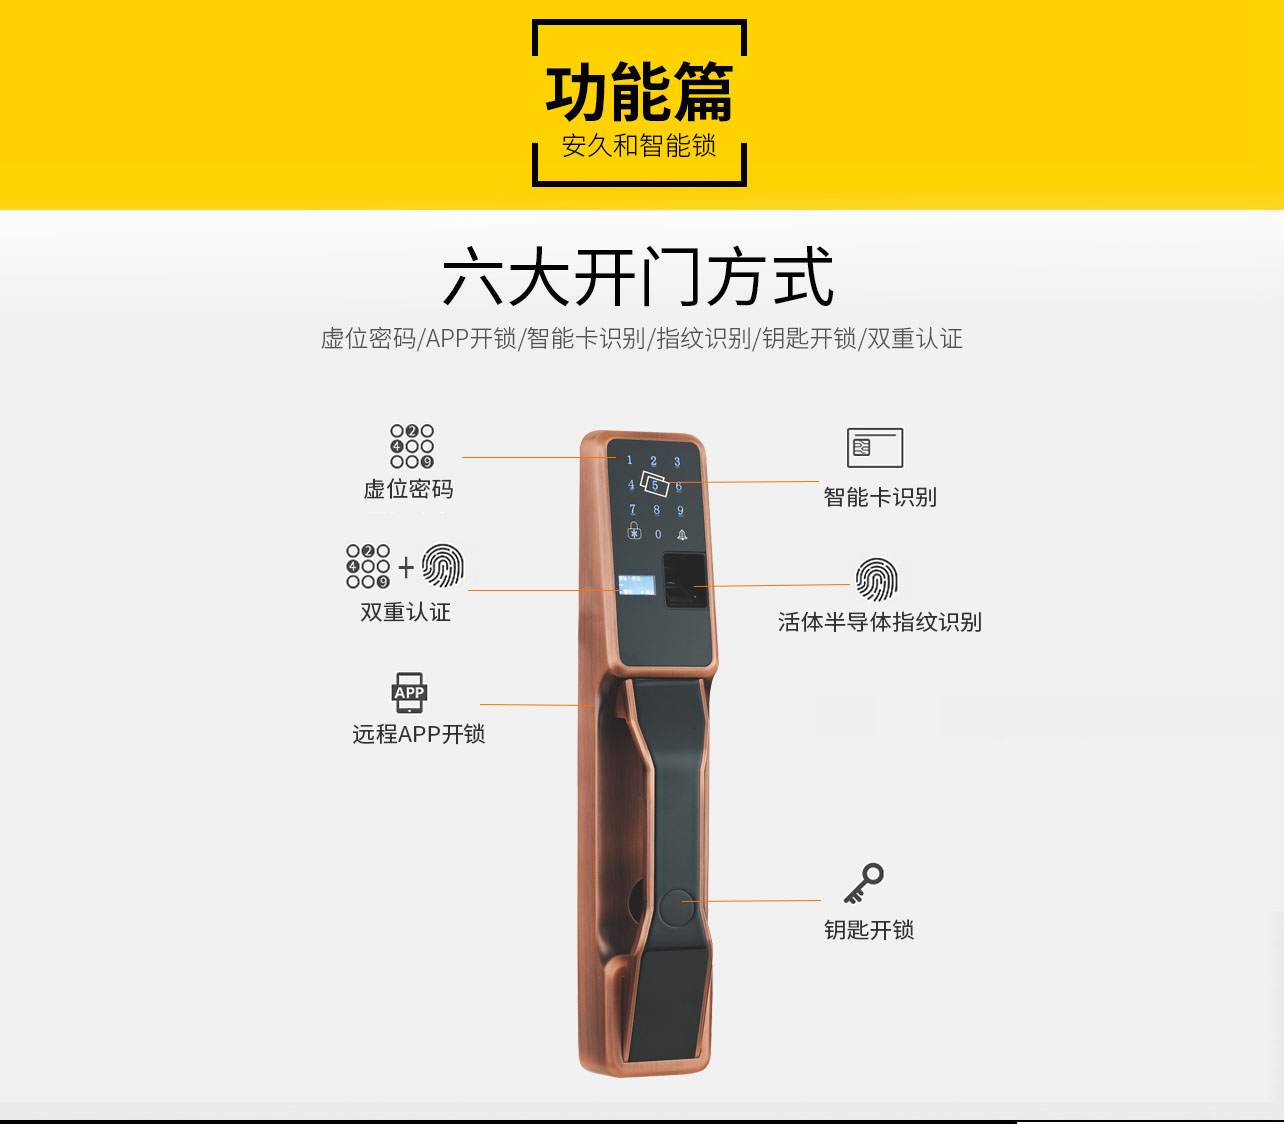 安全的指纹锁,哪里有供应高质量的五合一指纹锁